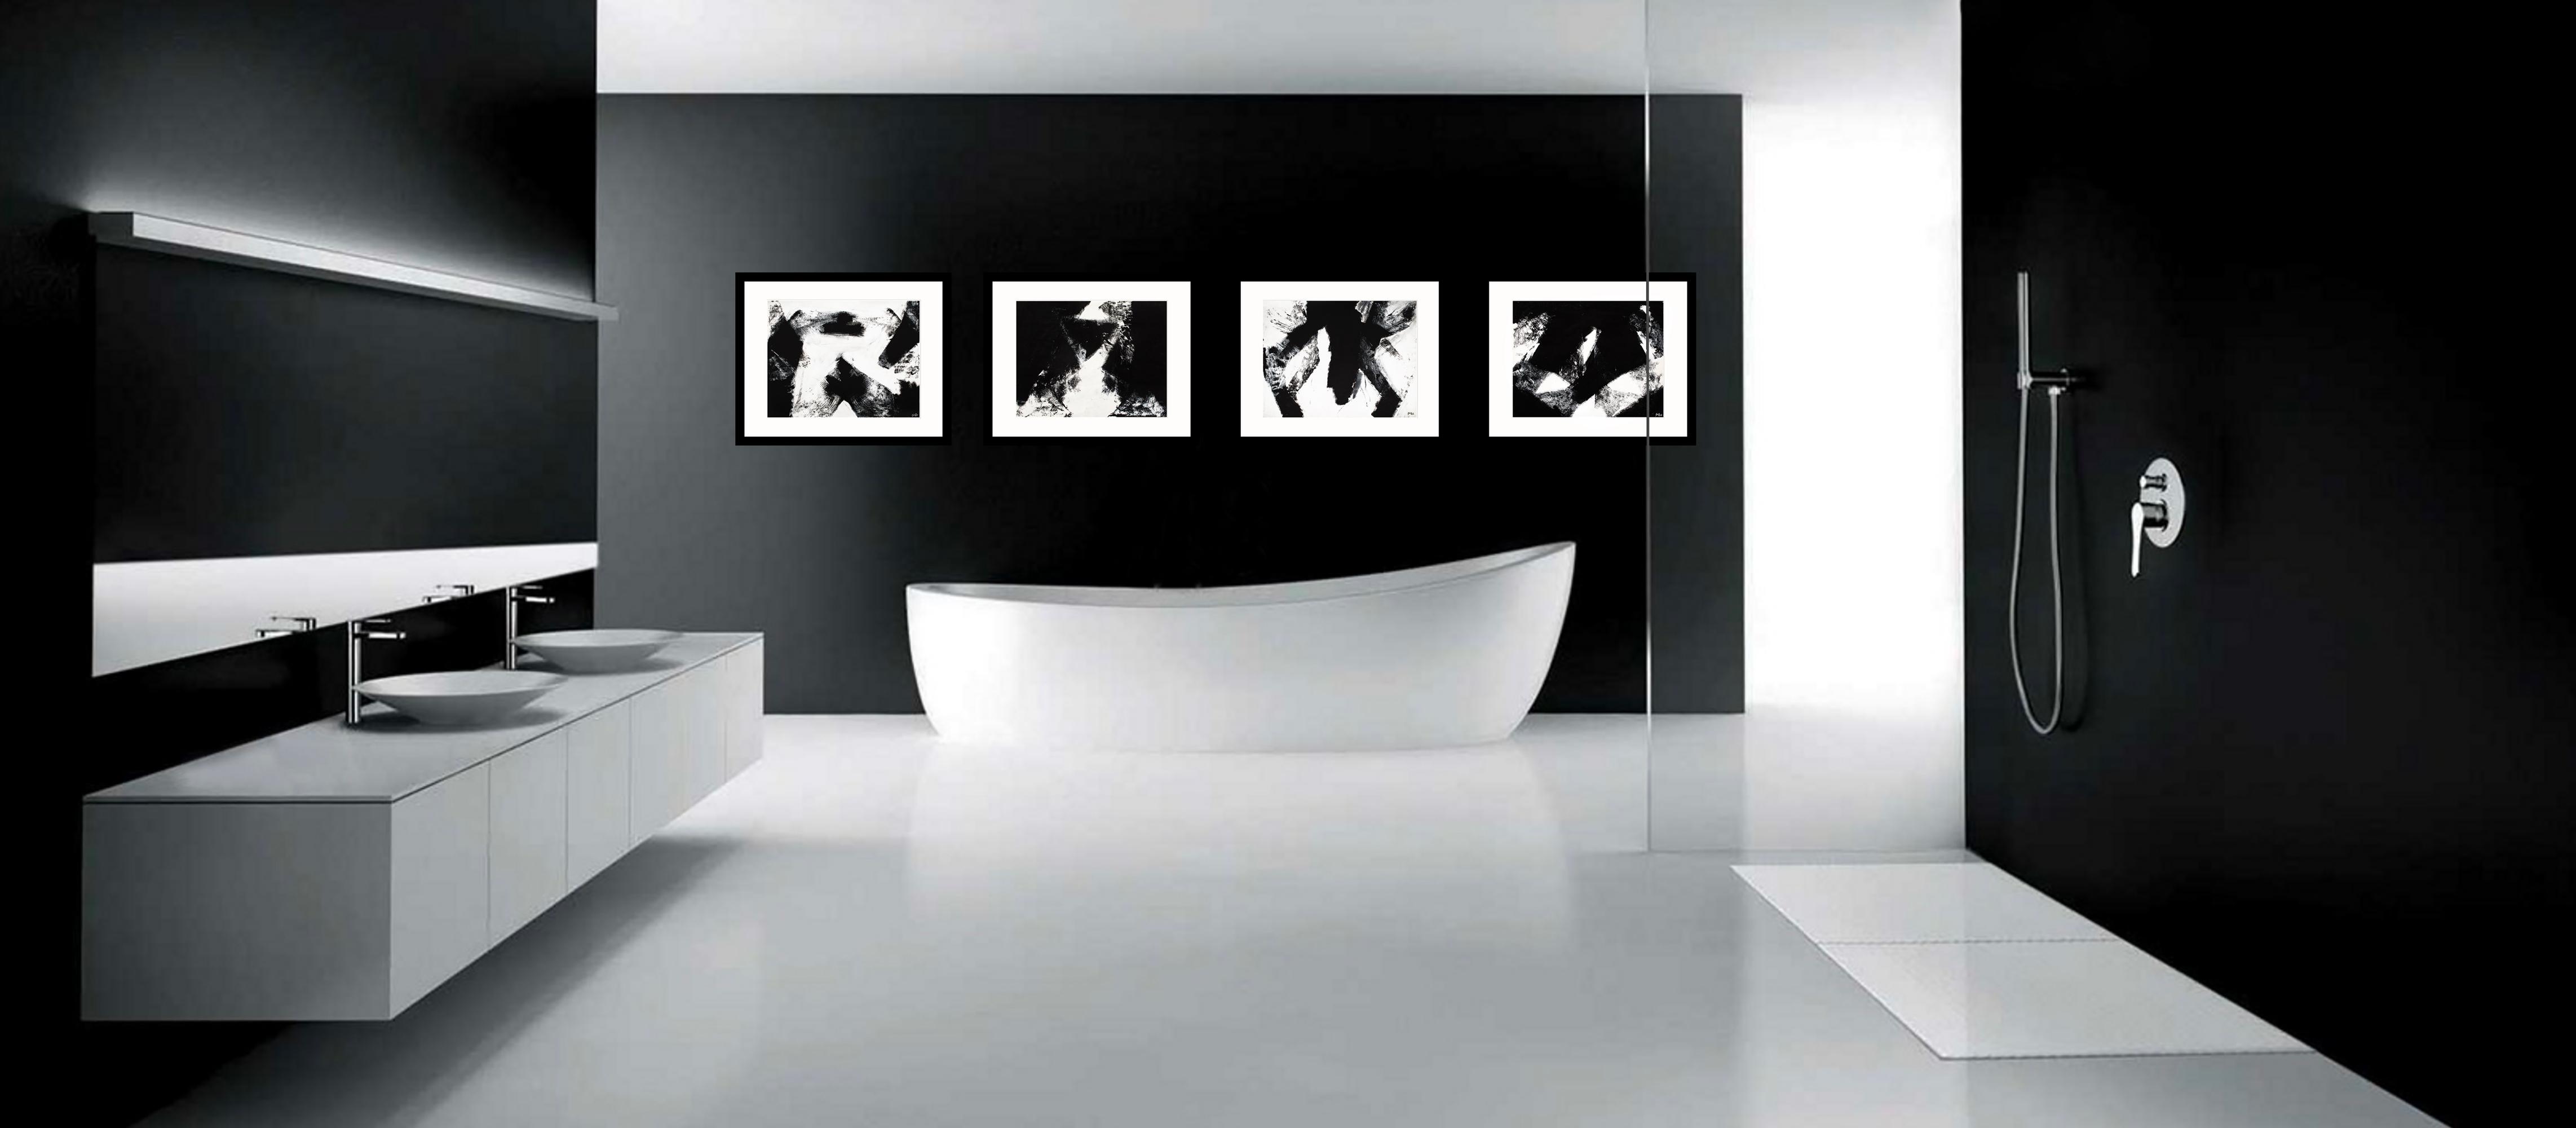 Spectral bathroom set